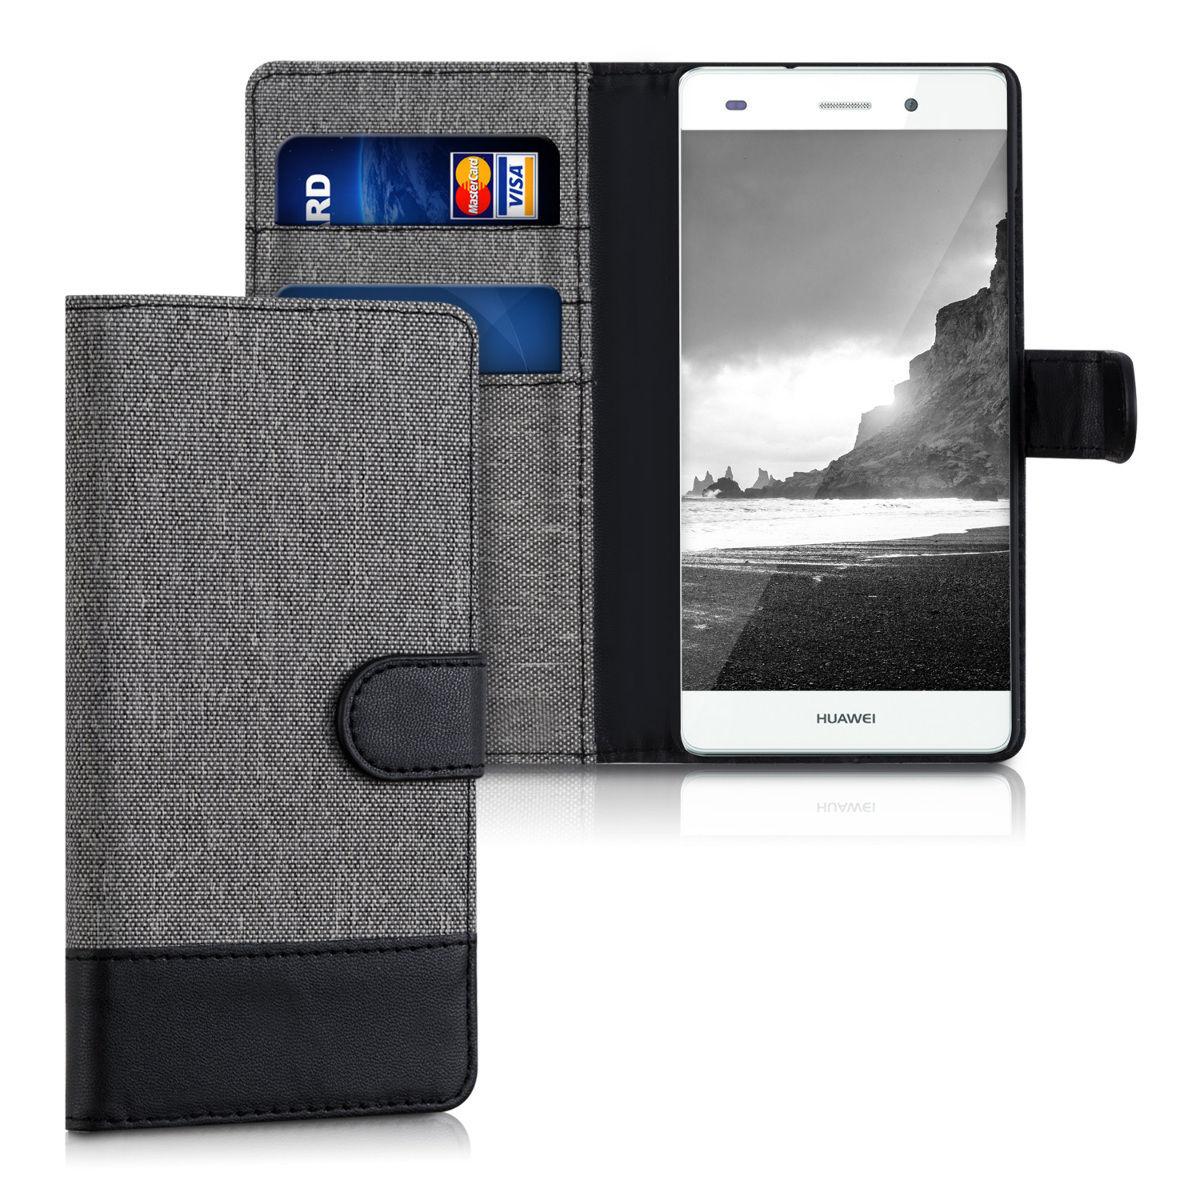 Pouzdro pro Huawei P8 Lite šedé